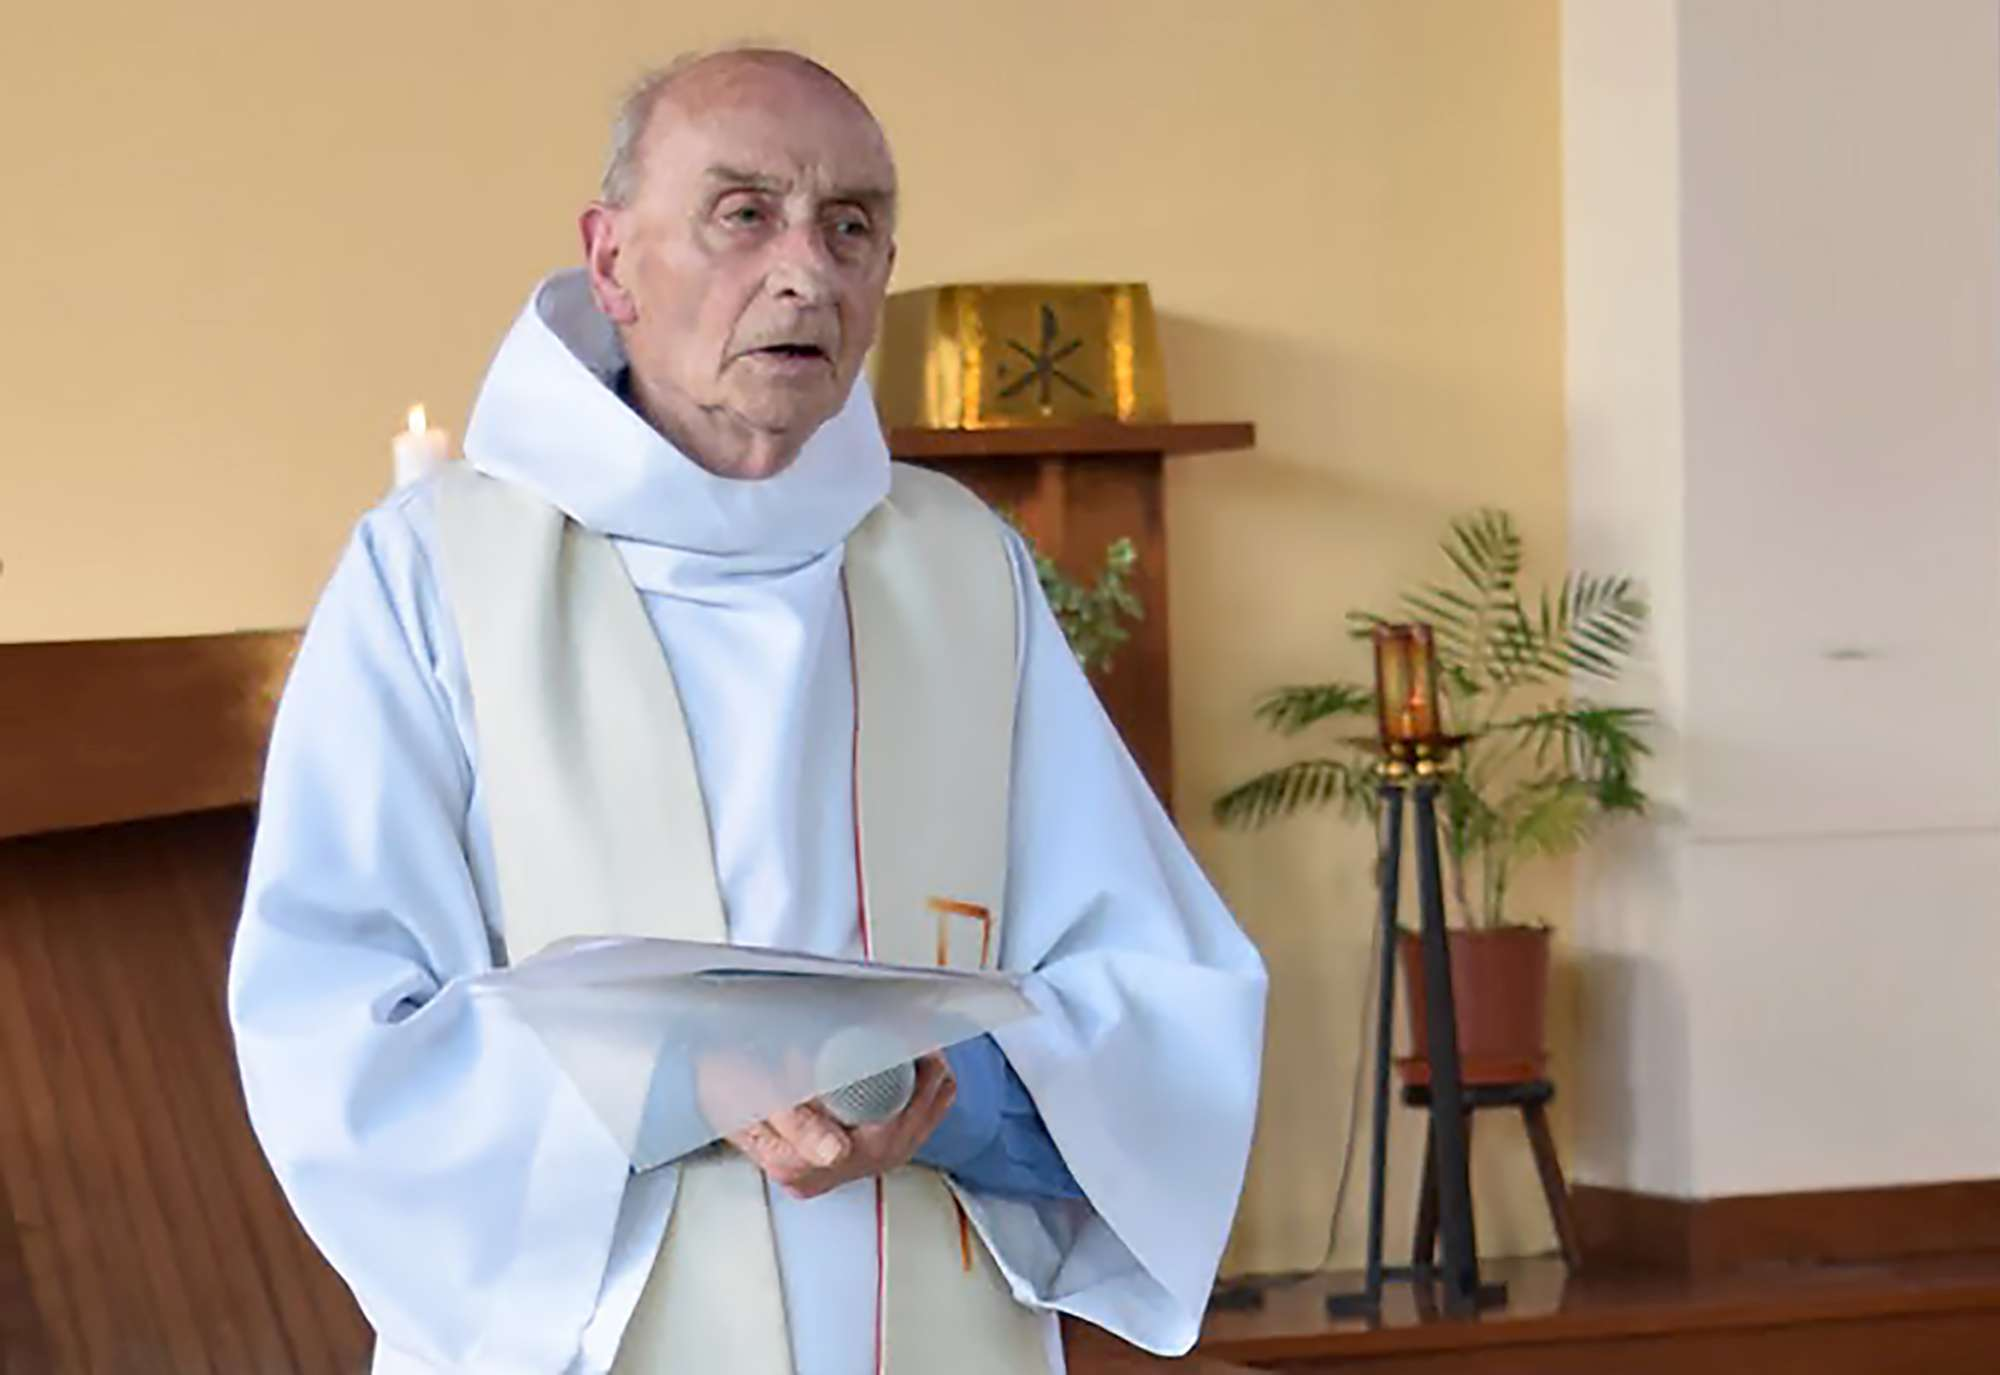 Il terrore attraversa la Francia: Sgozzato un prete. Attentatori uccisi